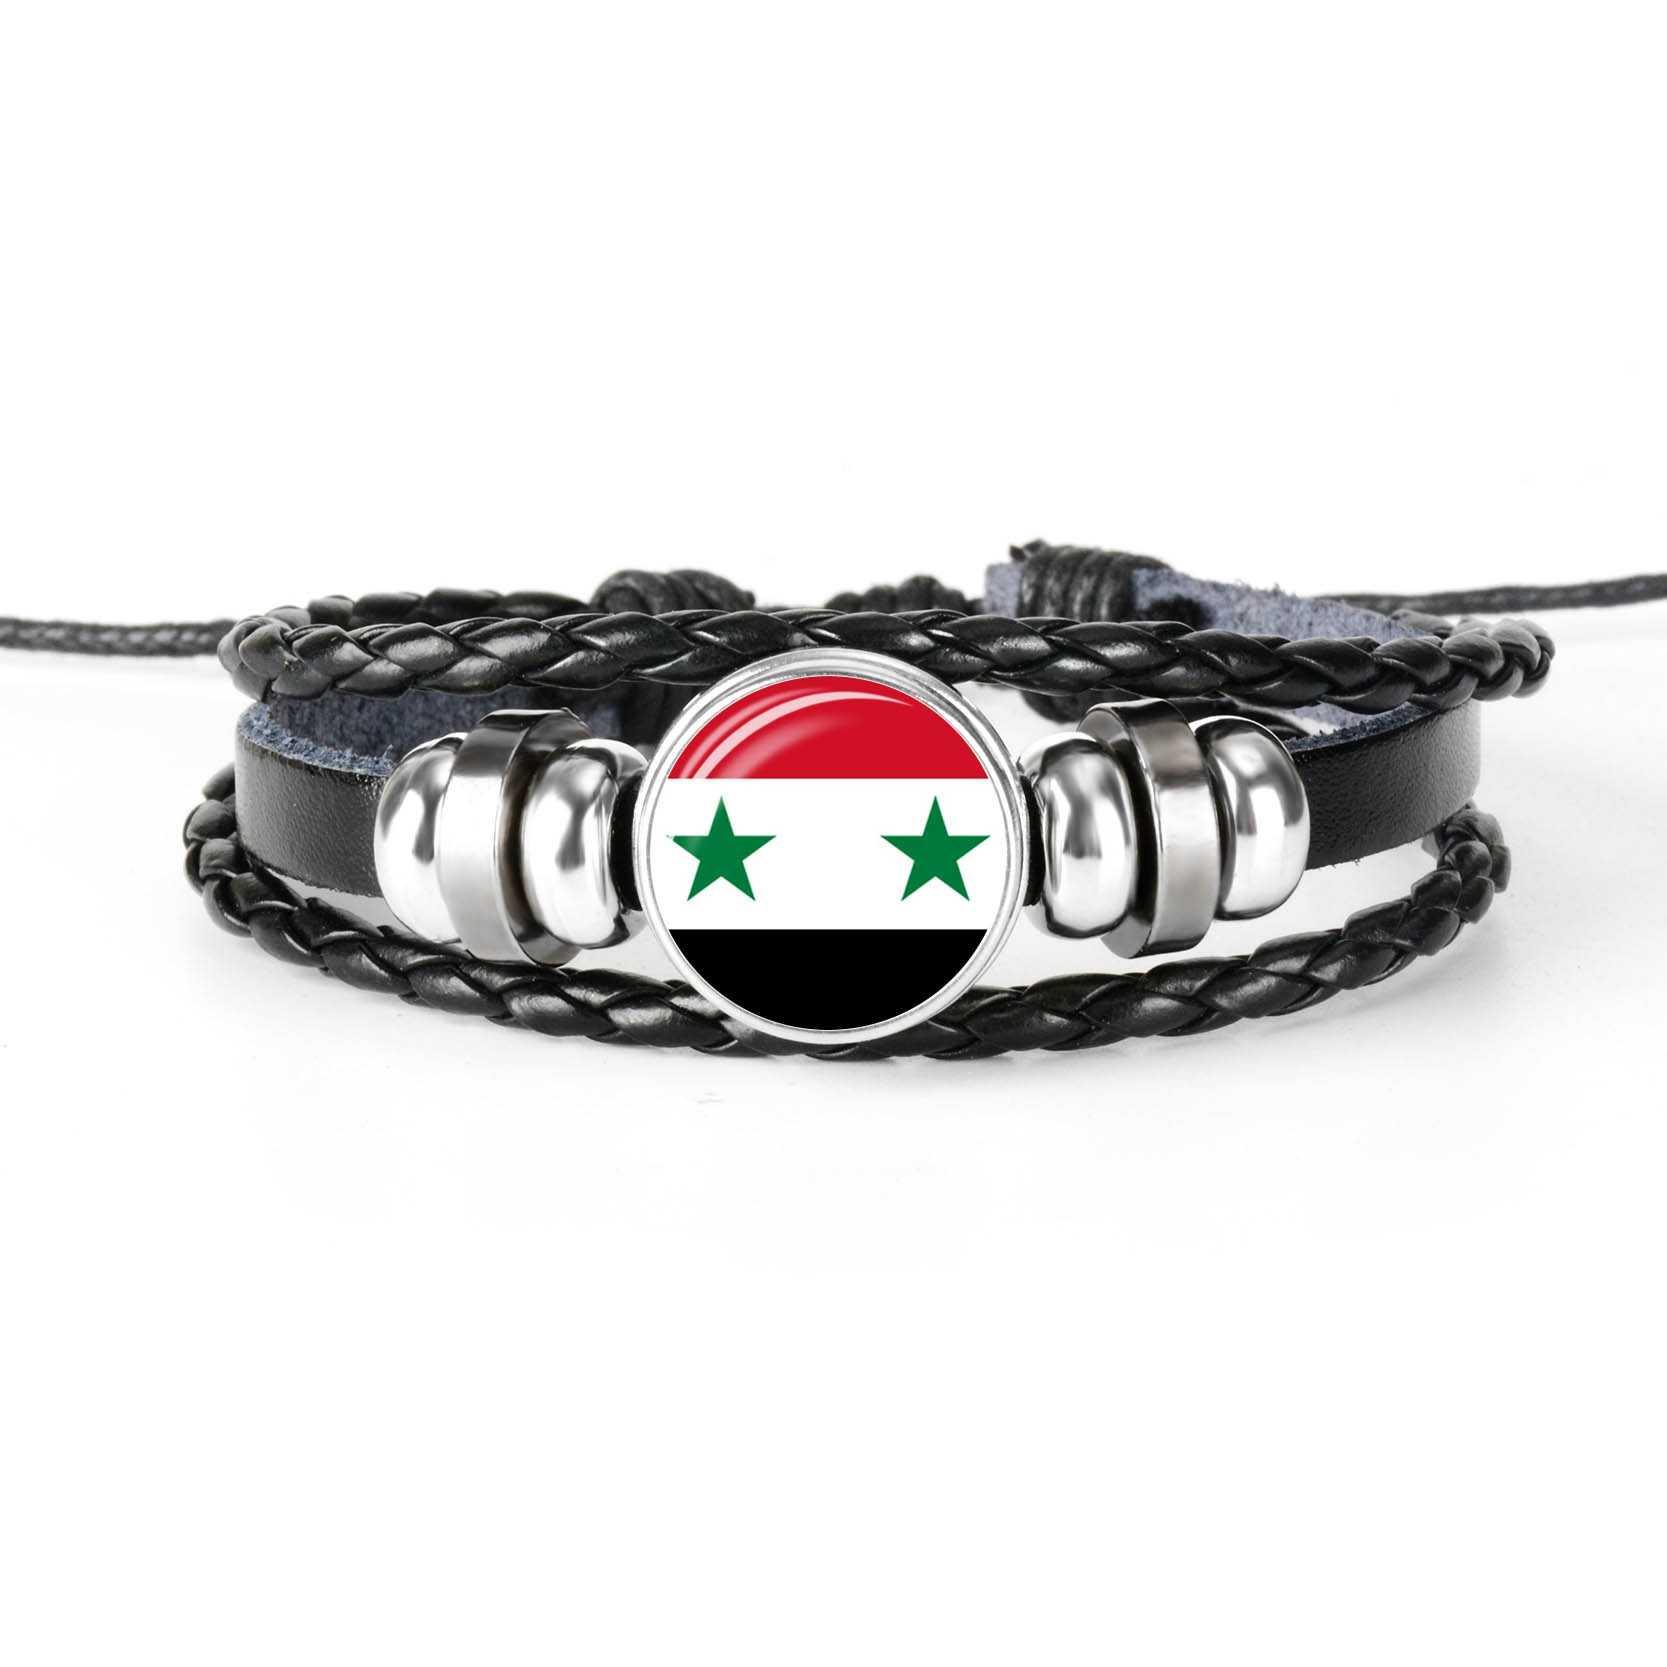 2019 新ファッション手作りシリアアメリカ旗バングルブレスレット男性と女性ガラスカボション革ブレスレットの宝石類のギフト